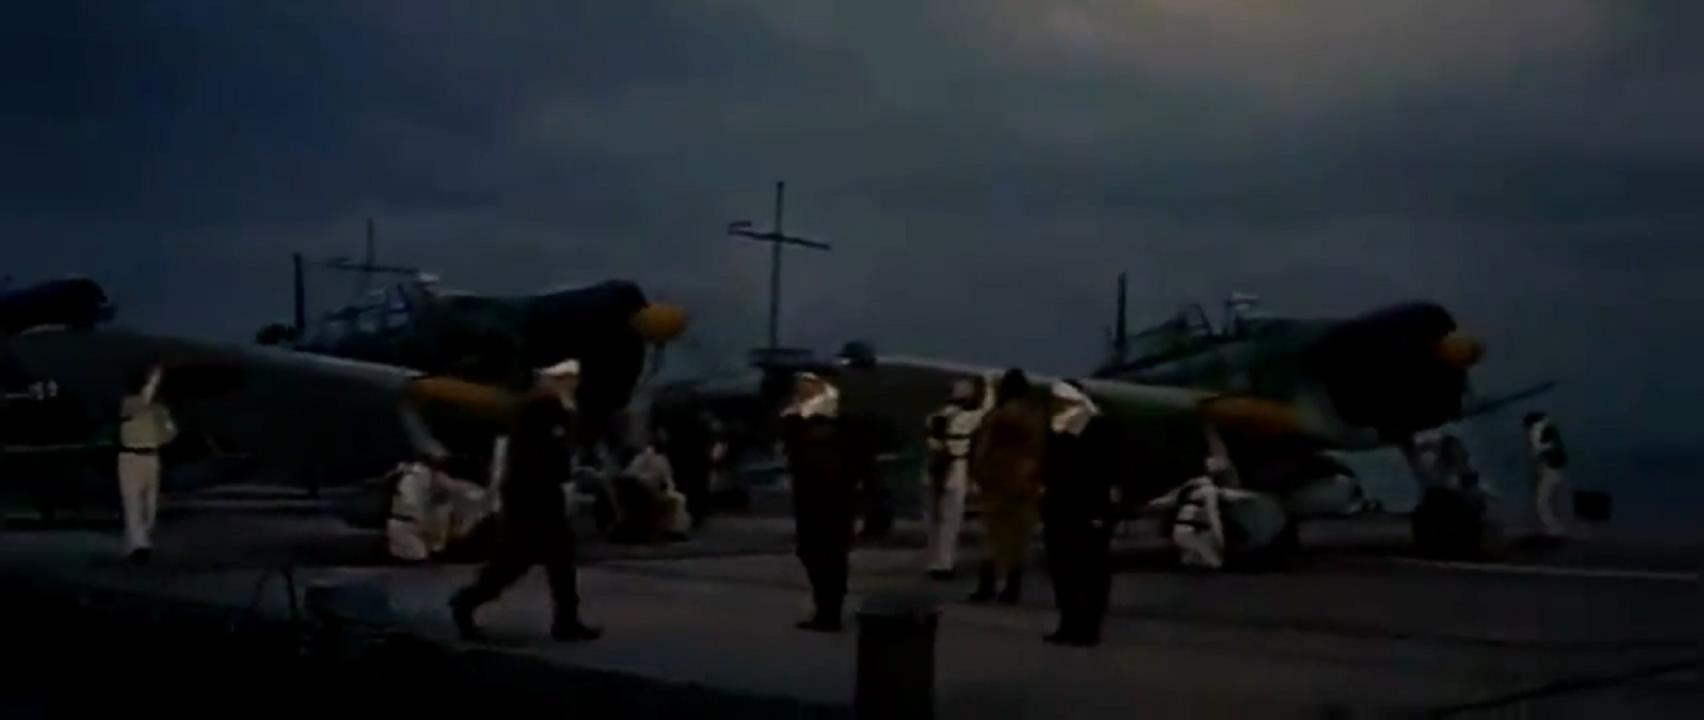 #经典看电影#日军轰炸机蜂拥起飞,饿狼扑虎般冲向美国舰队